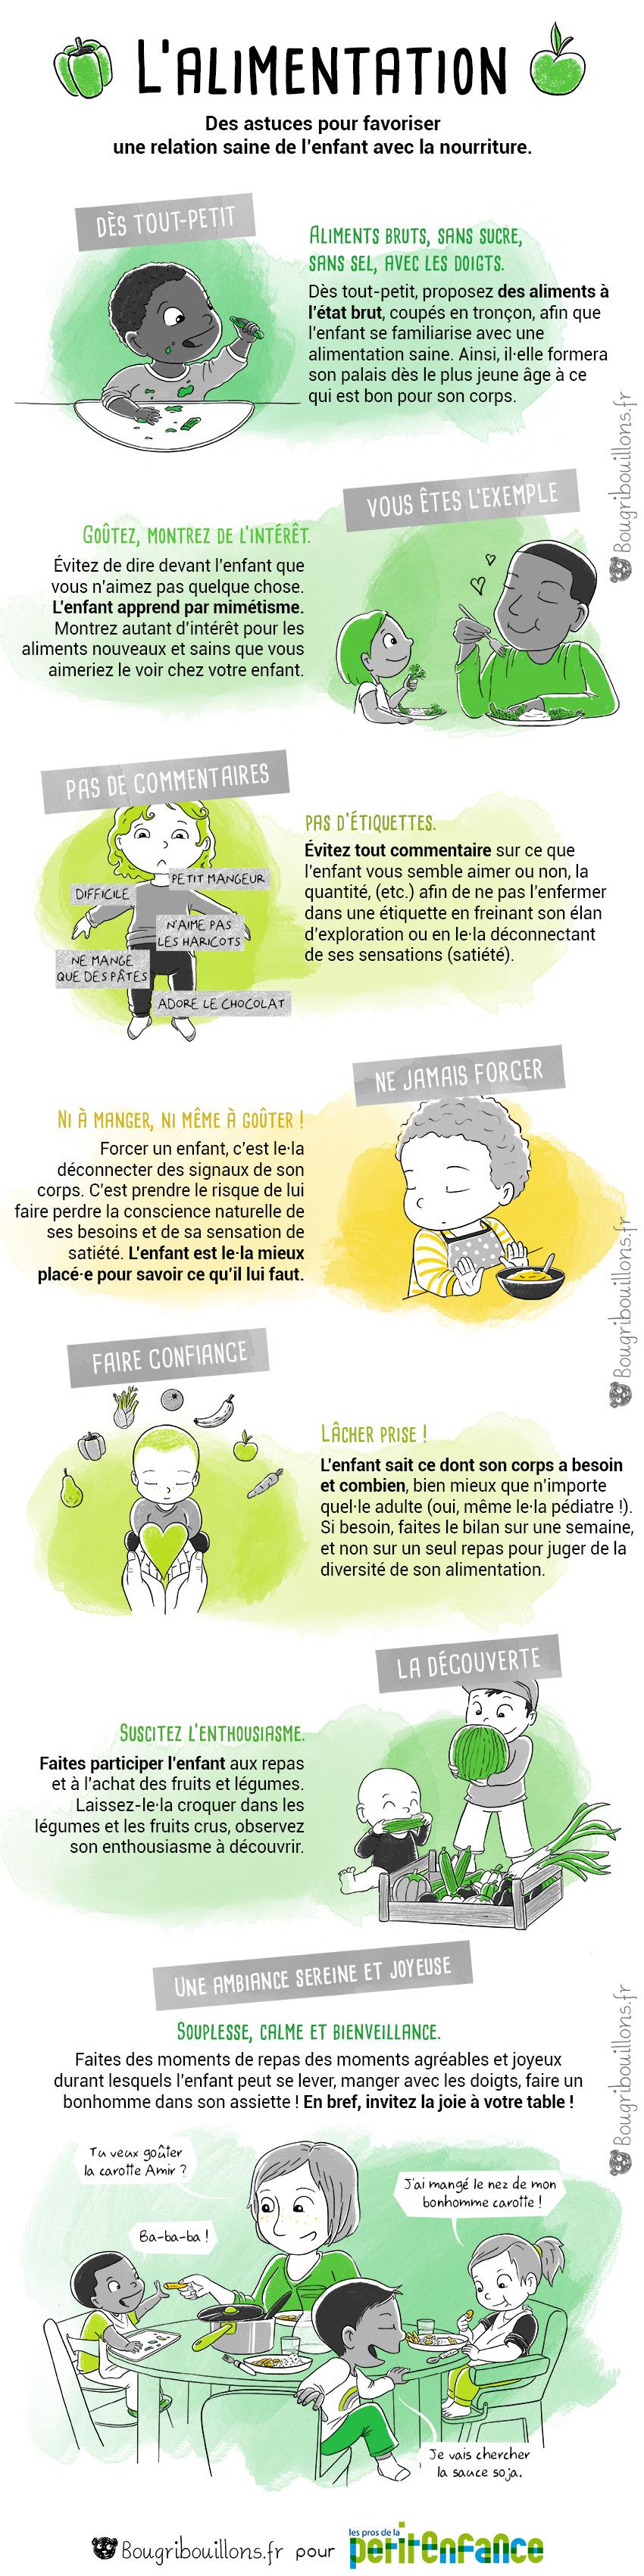 L'alimentation - chronique Bougribouillons